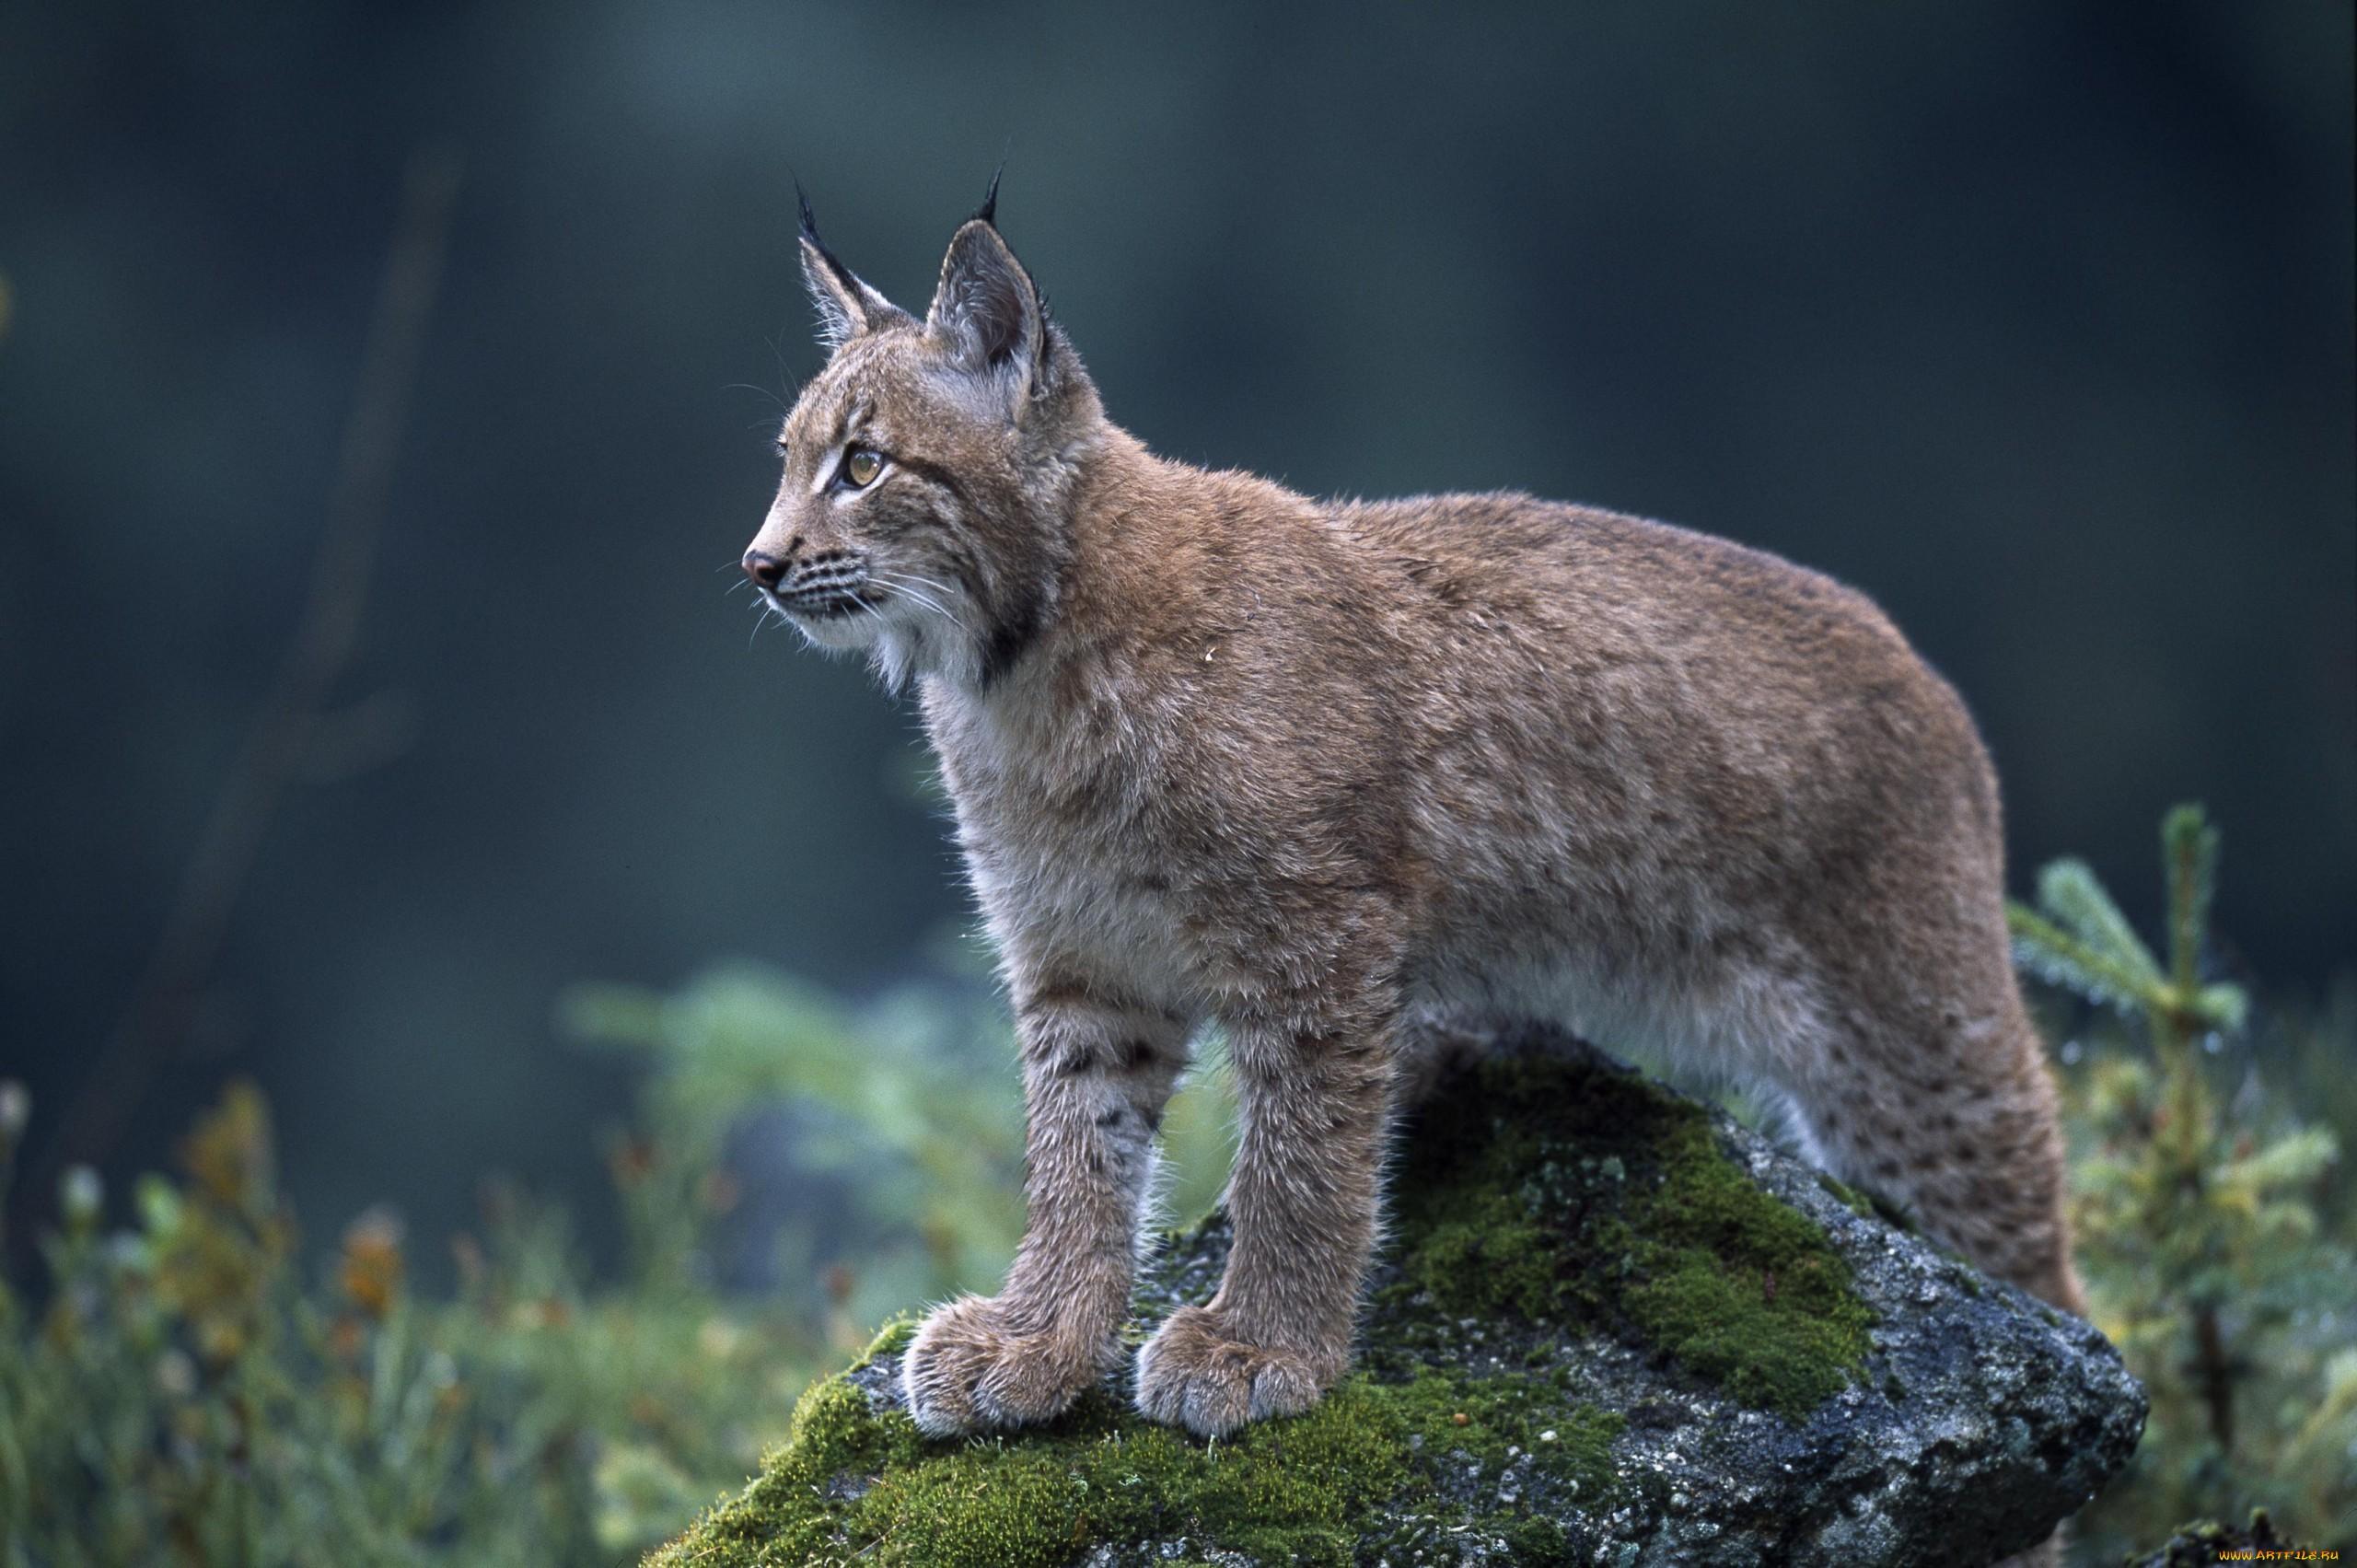 примеру, при абхазские дикие животные фото ливанское